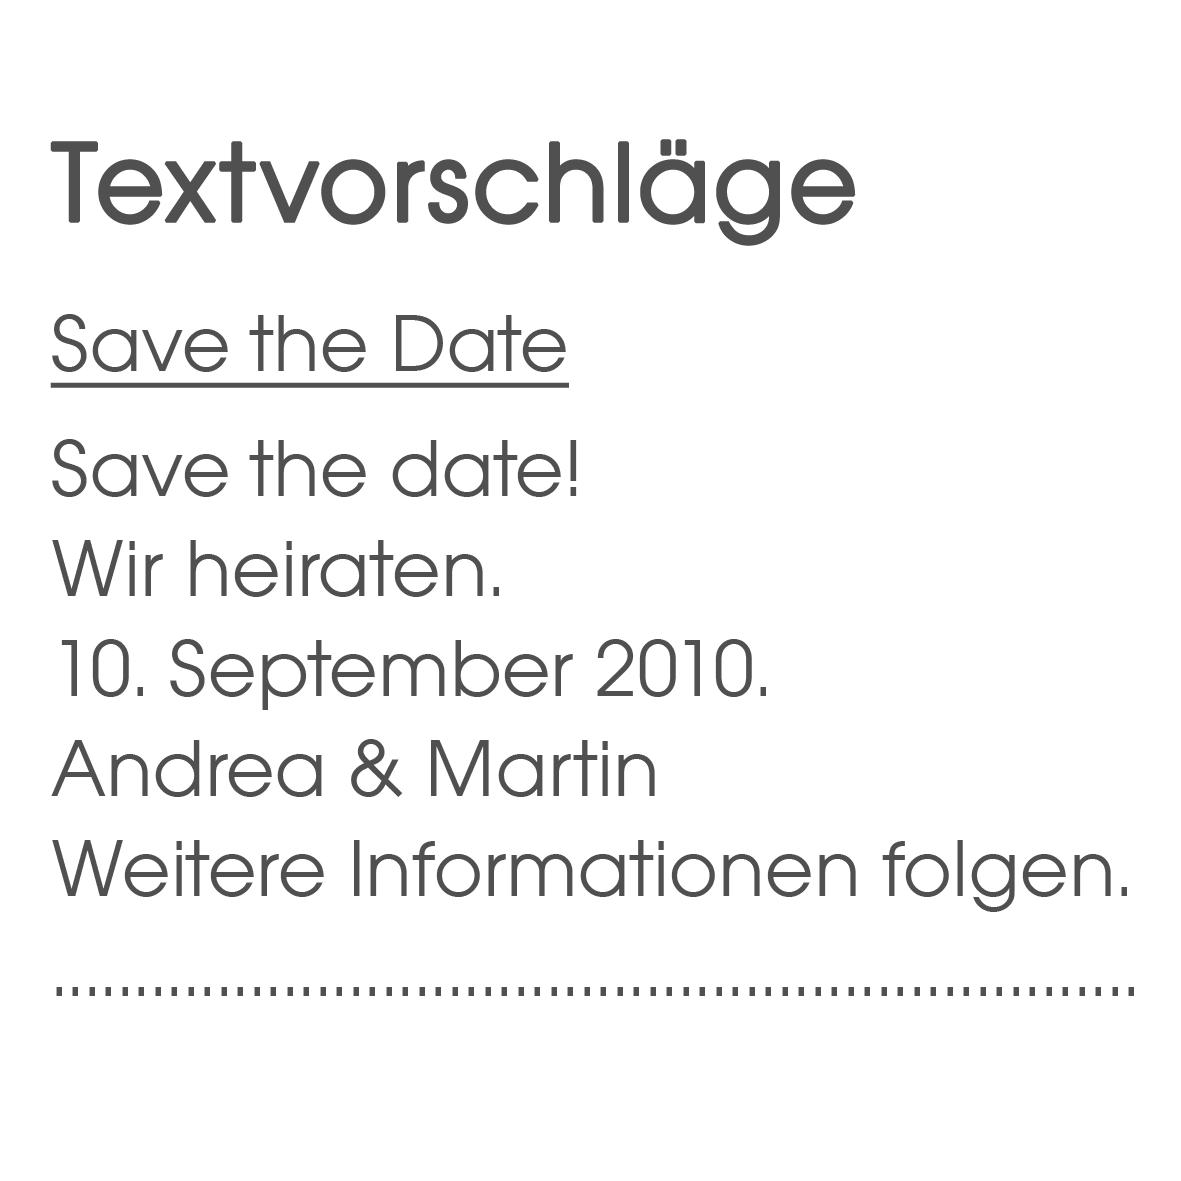 Textvorschläge